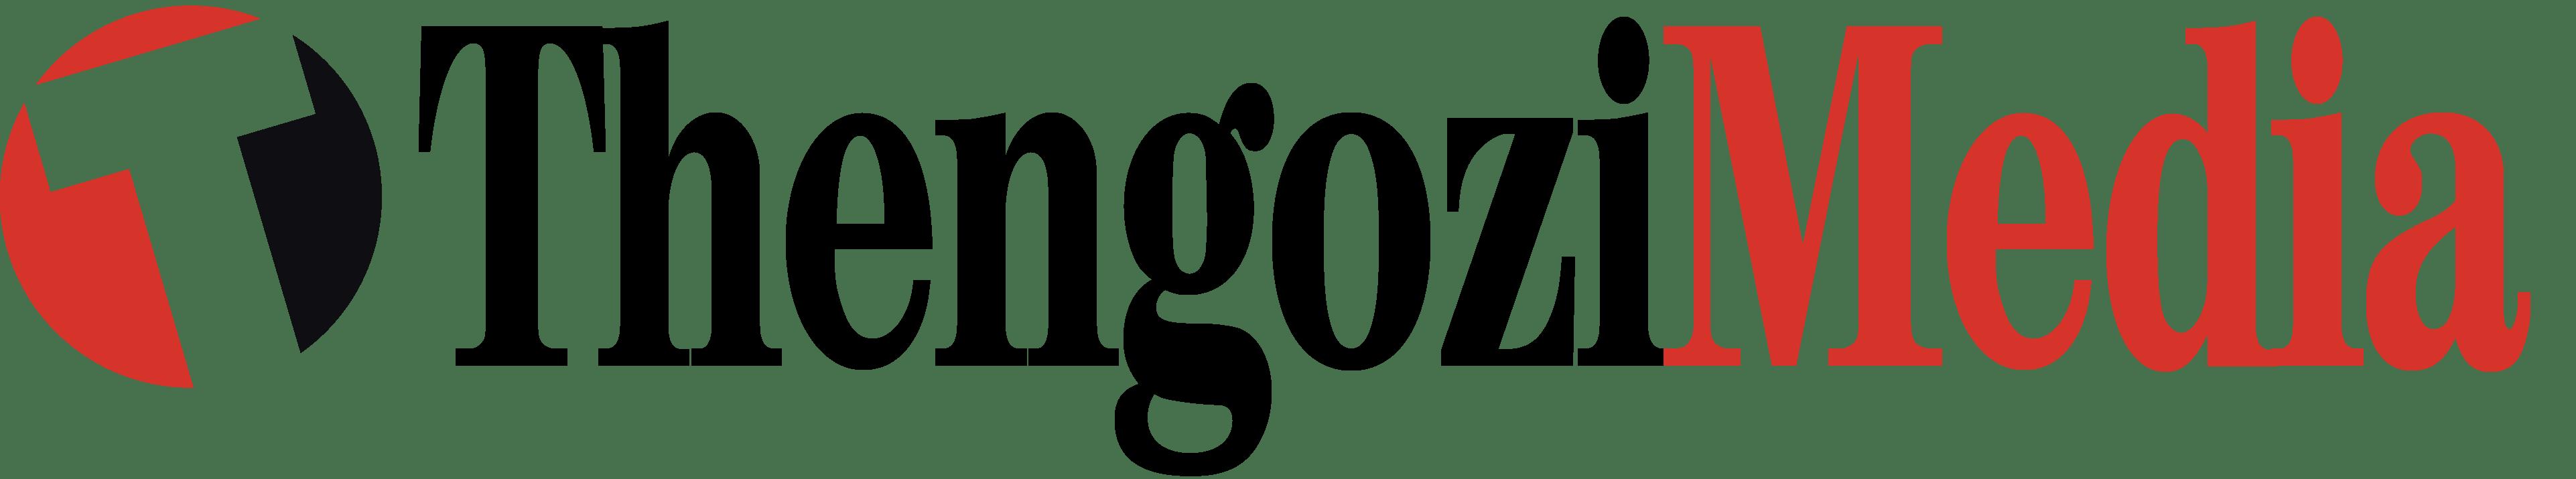 The Ngozi Media